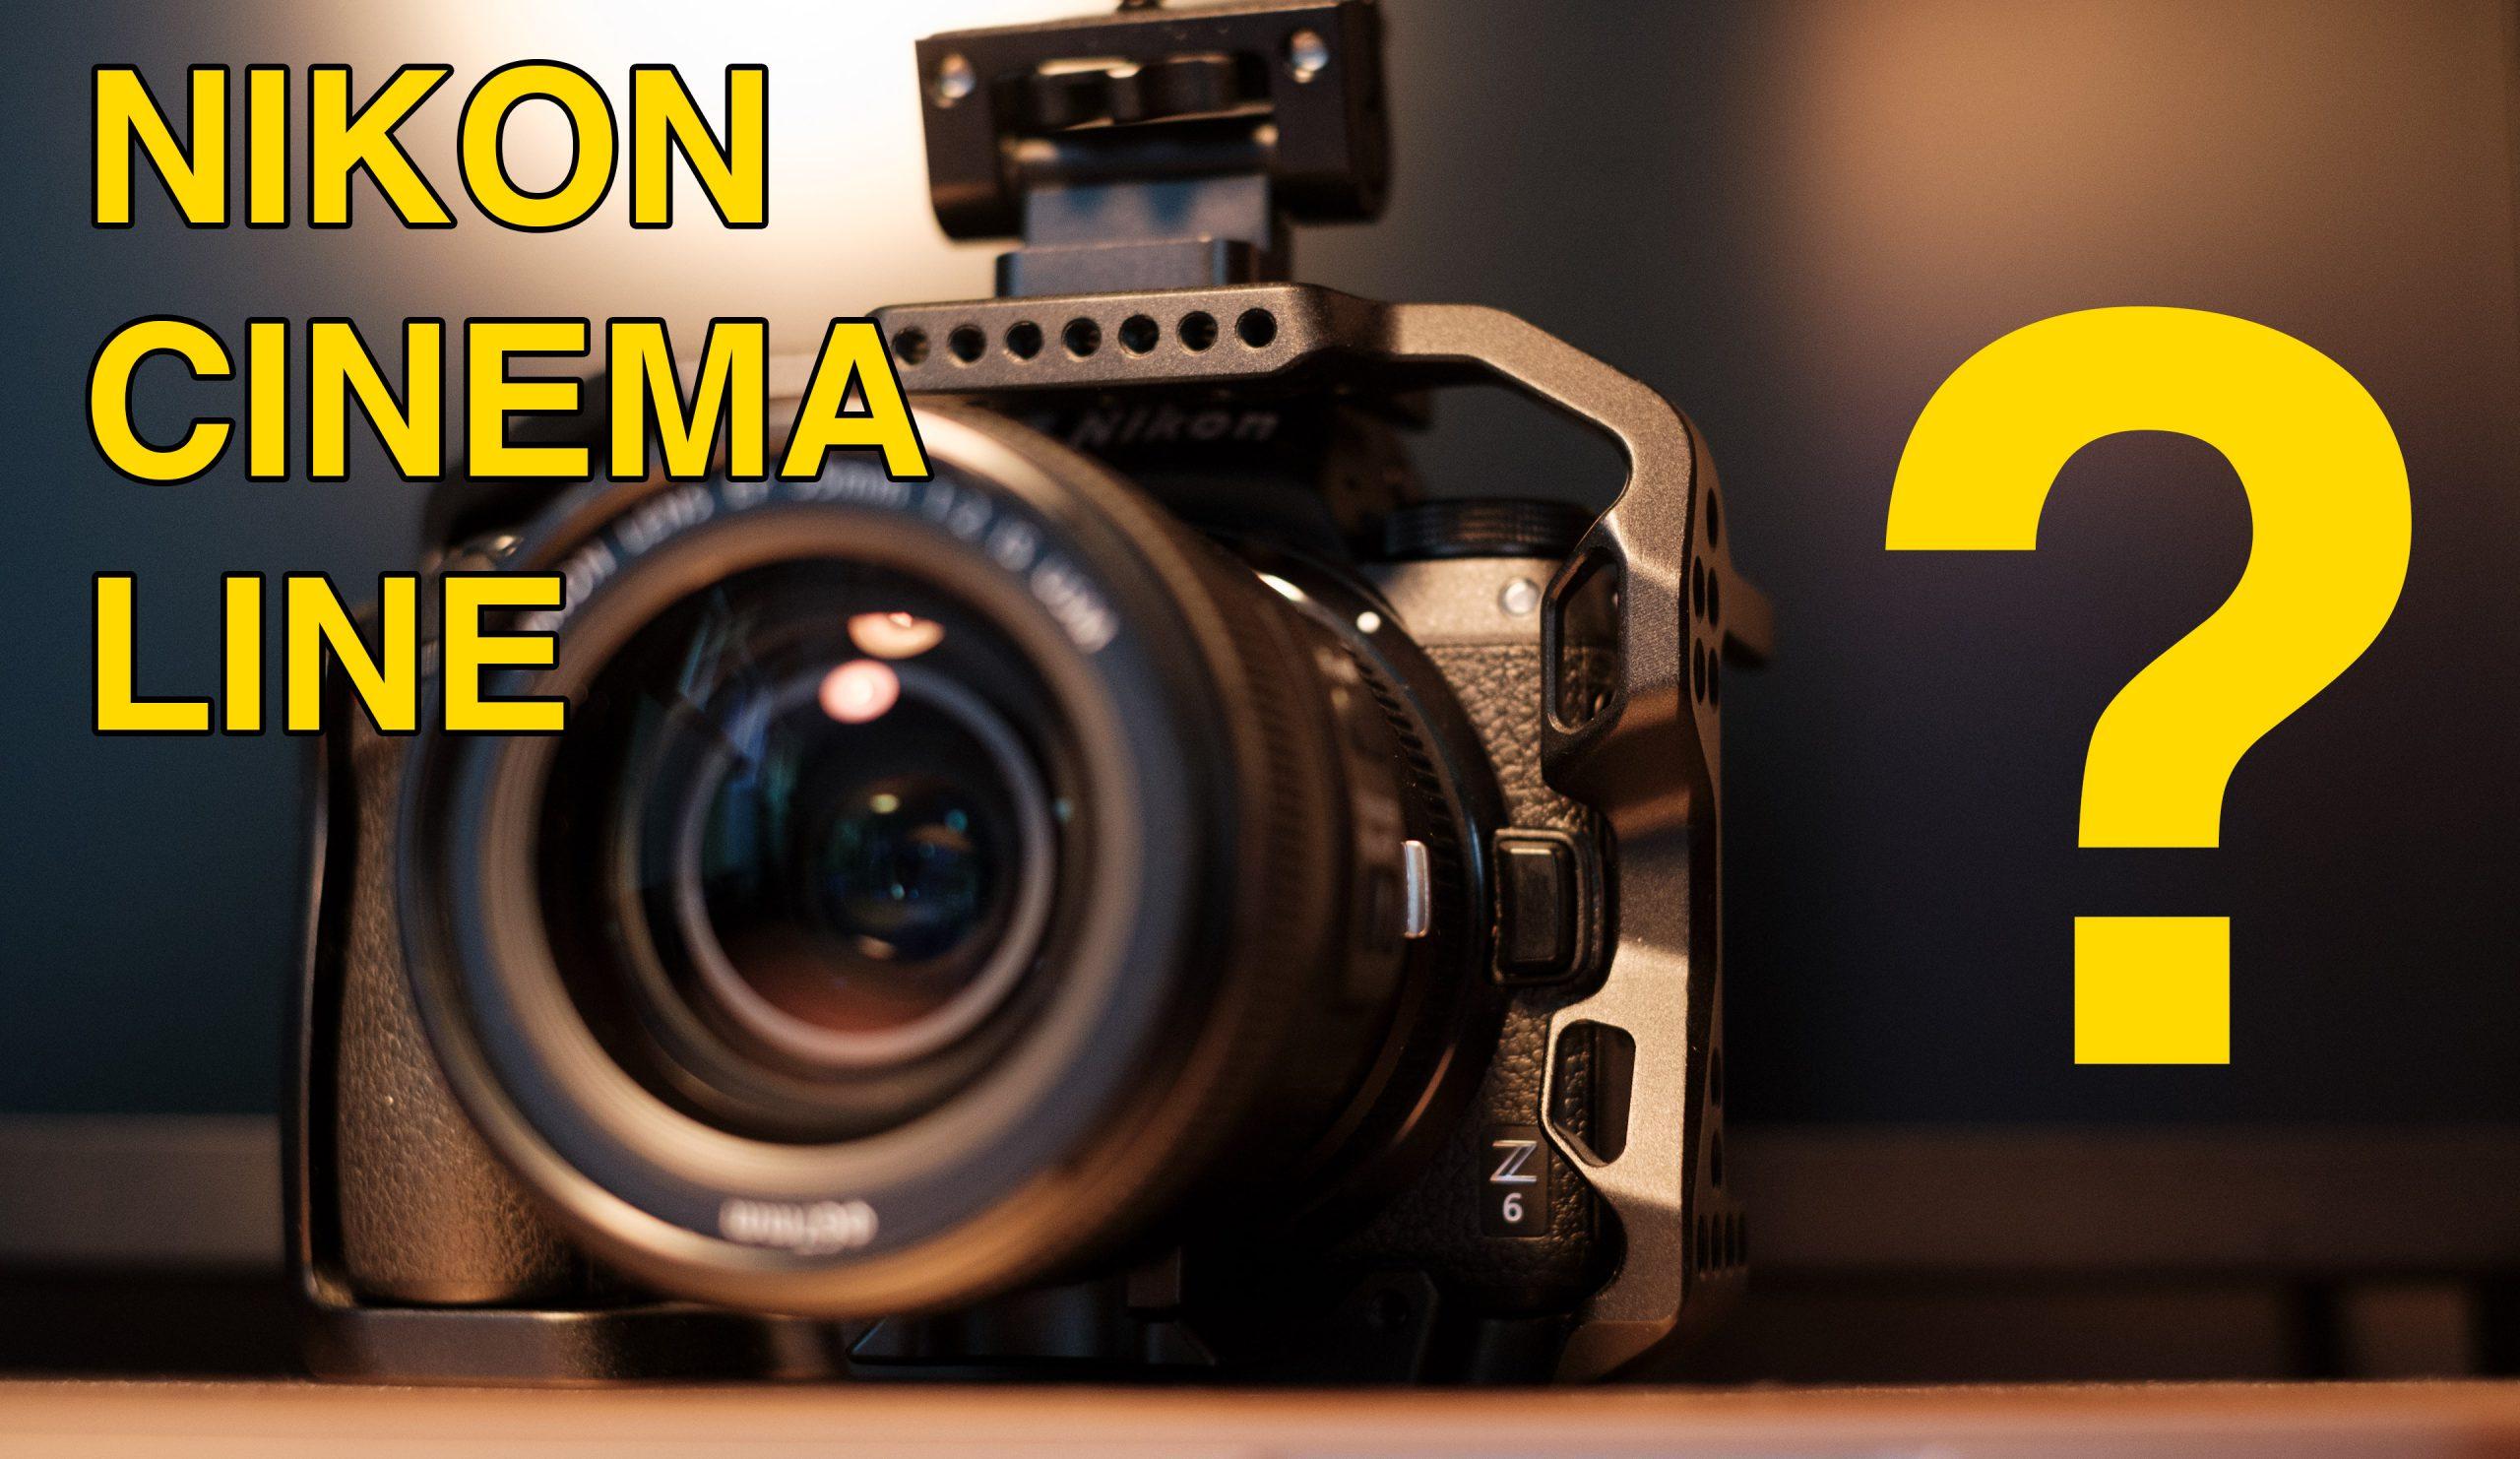 Nikon cinema line